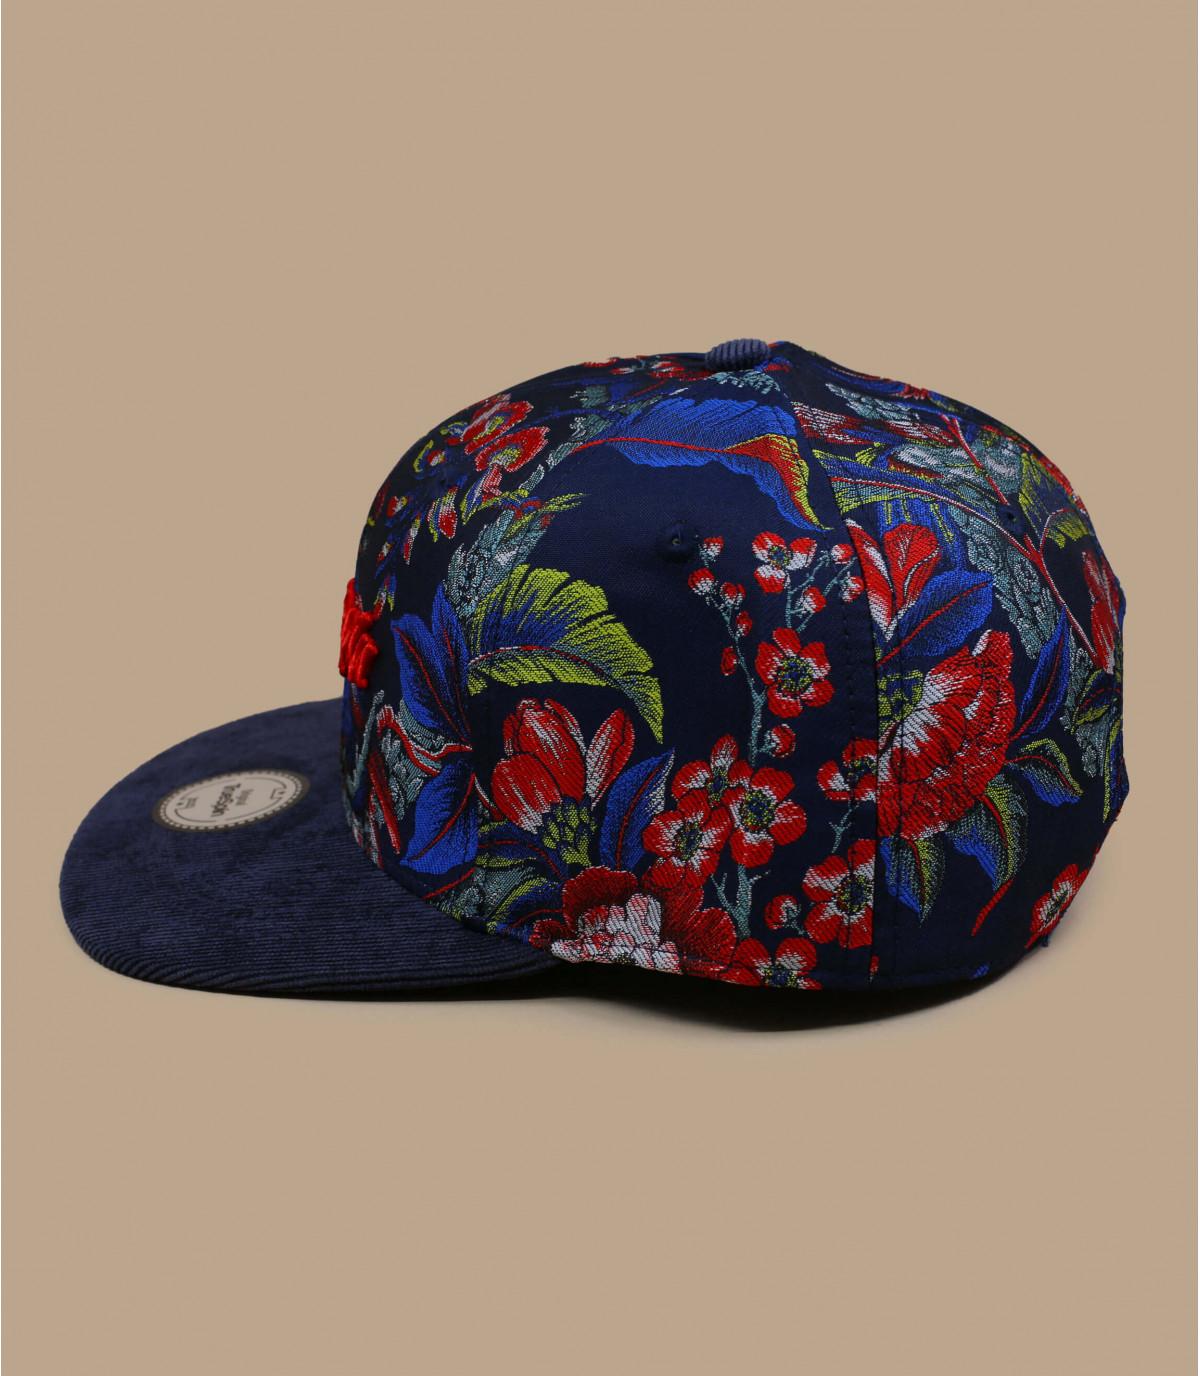 Details Snapback Shokufe floral navy - afbeeling 2